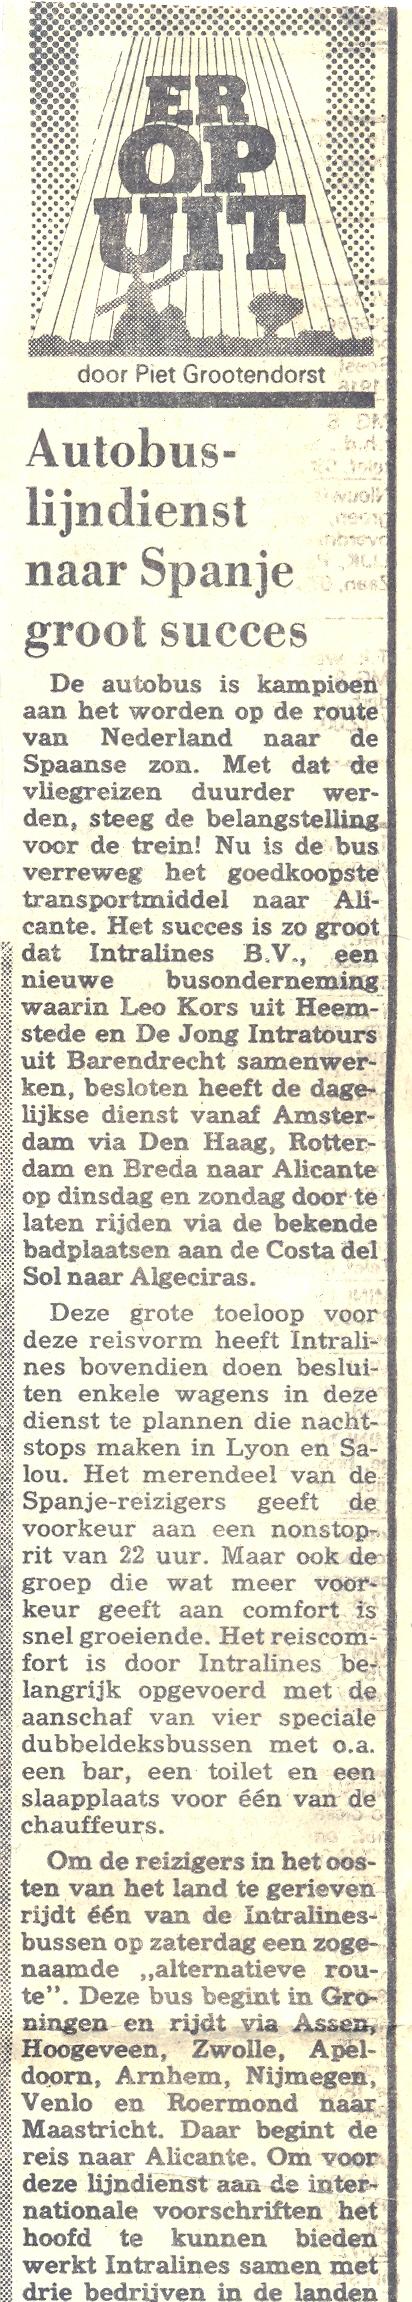 telegraaf-15-aug-1981